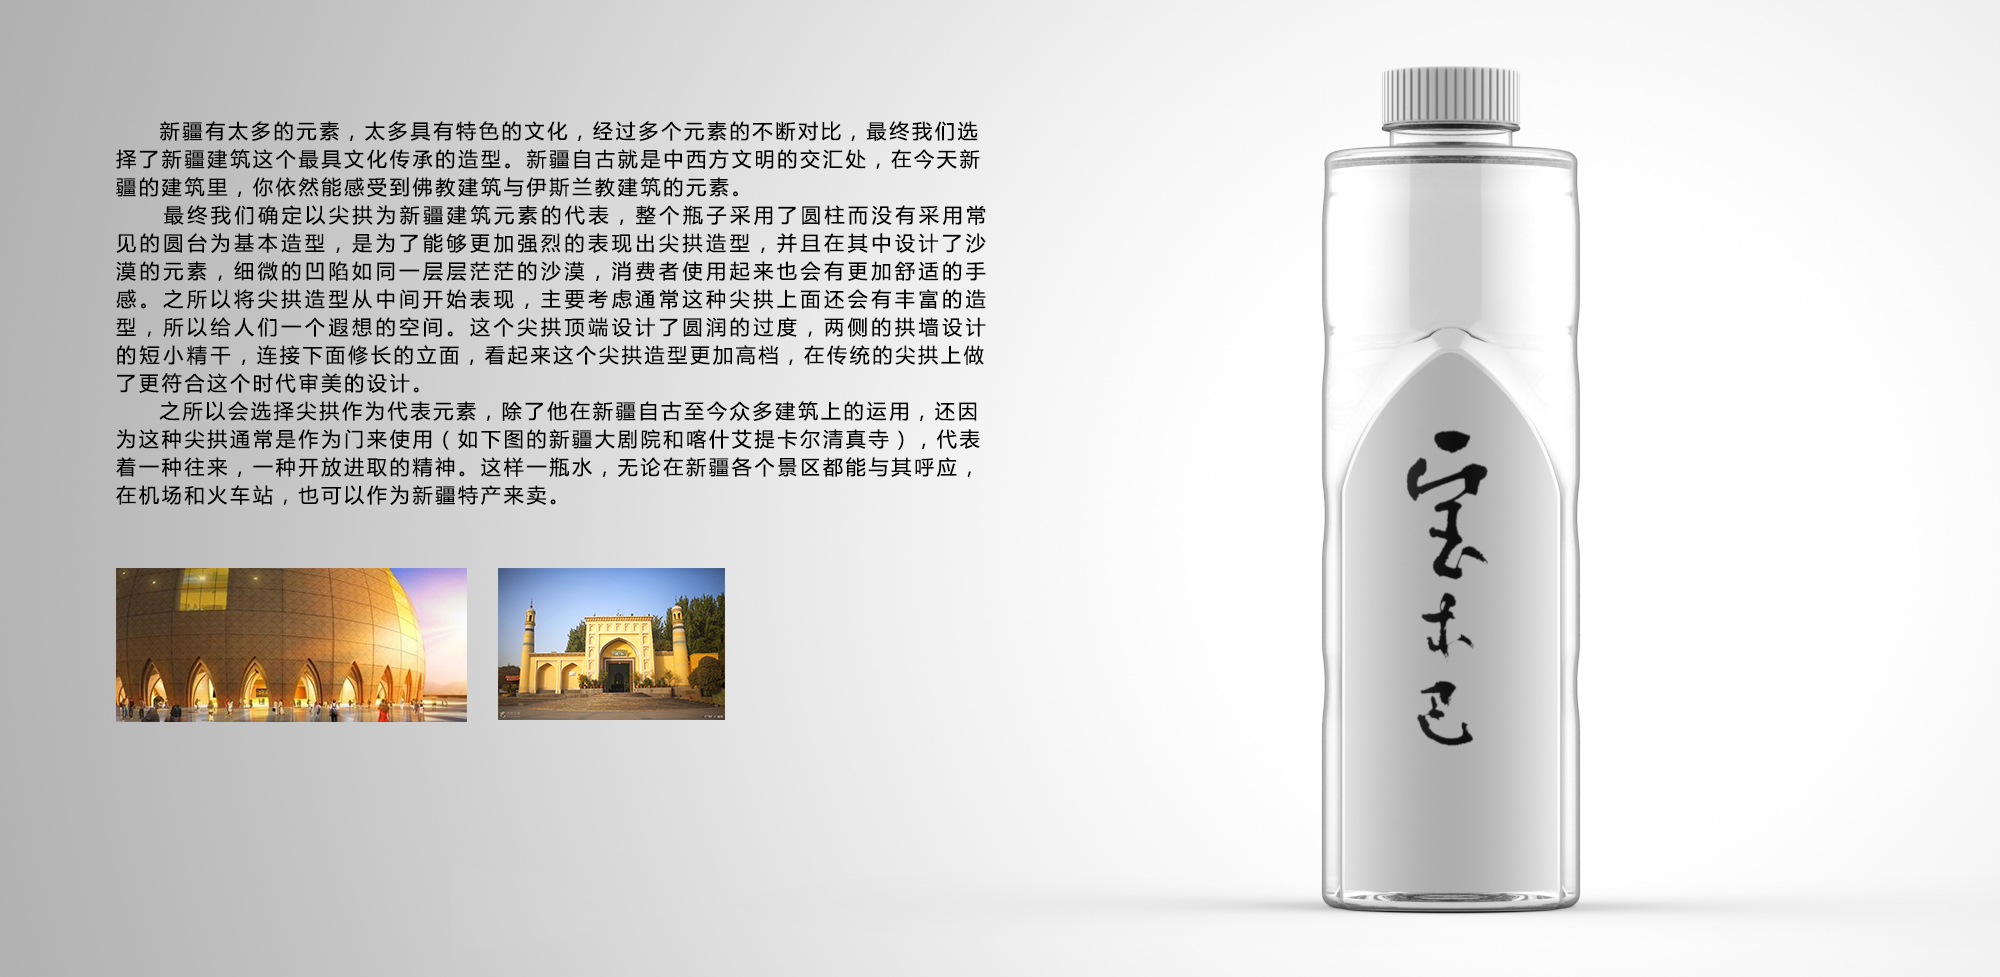 宝木巴新疆矿泉水瓶型设计